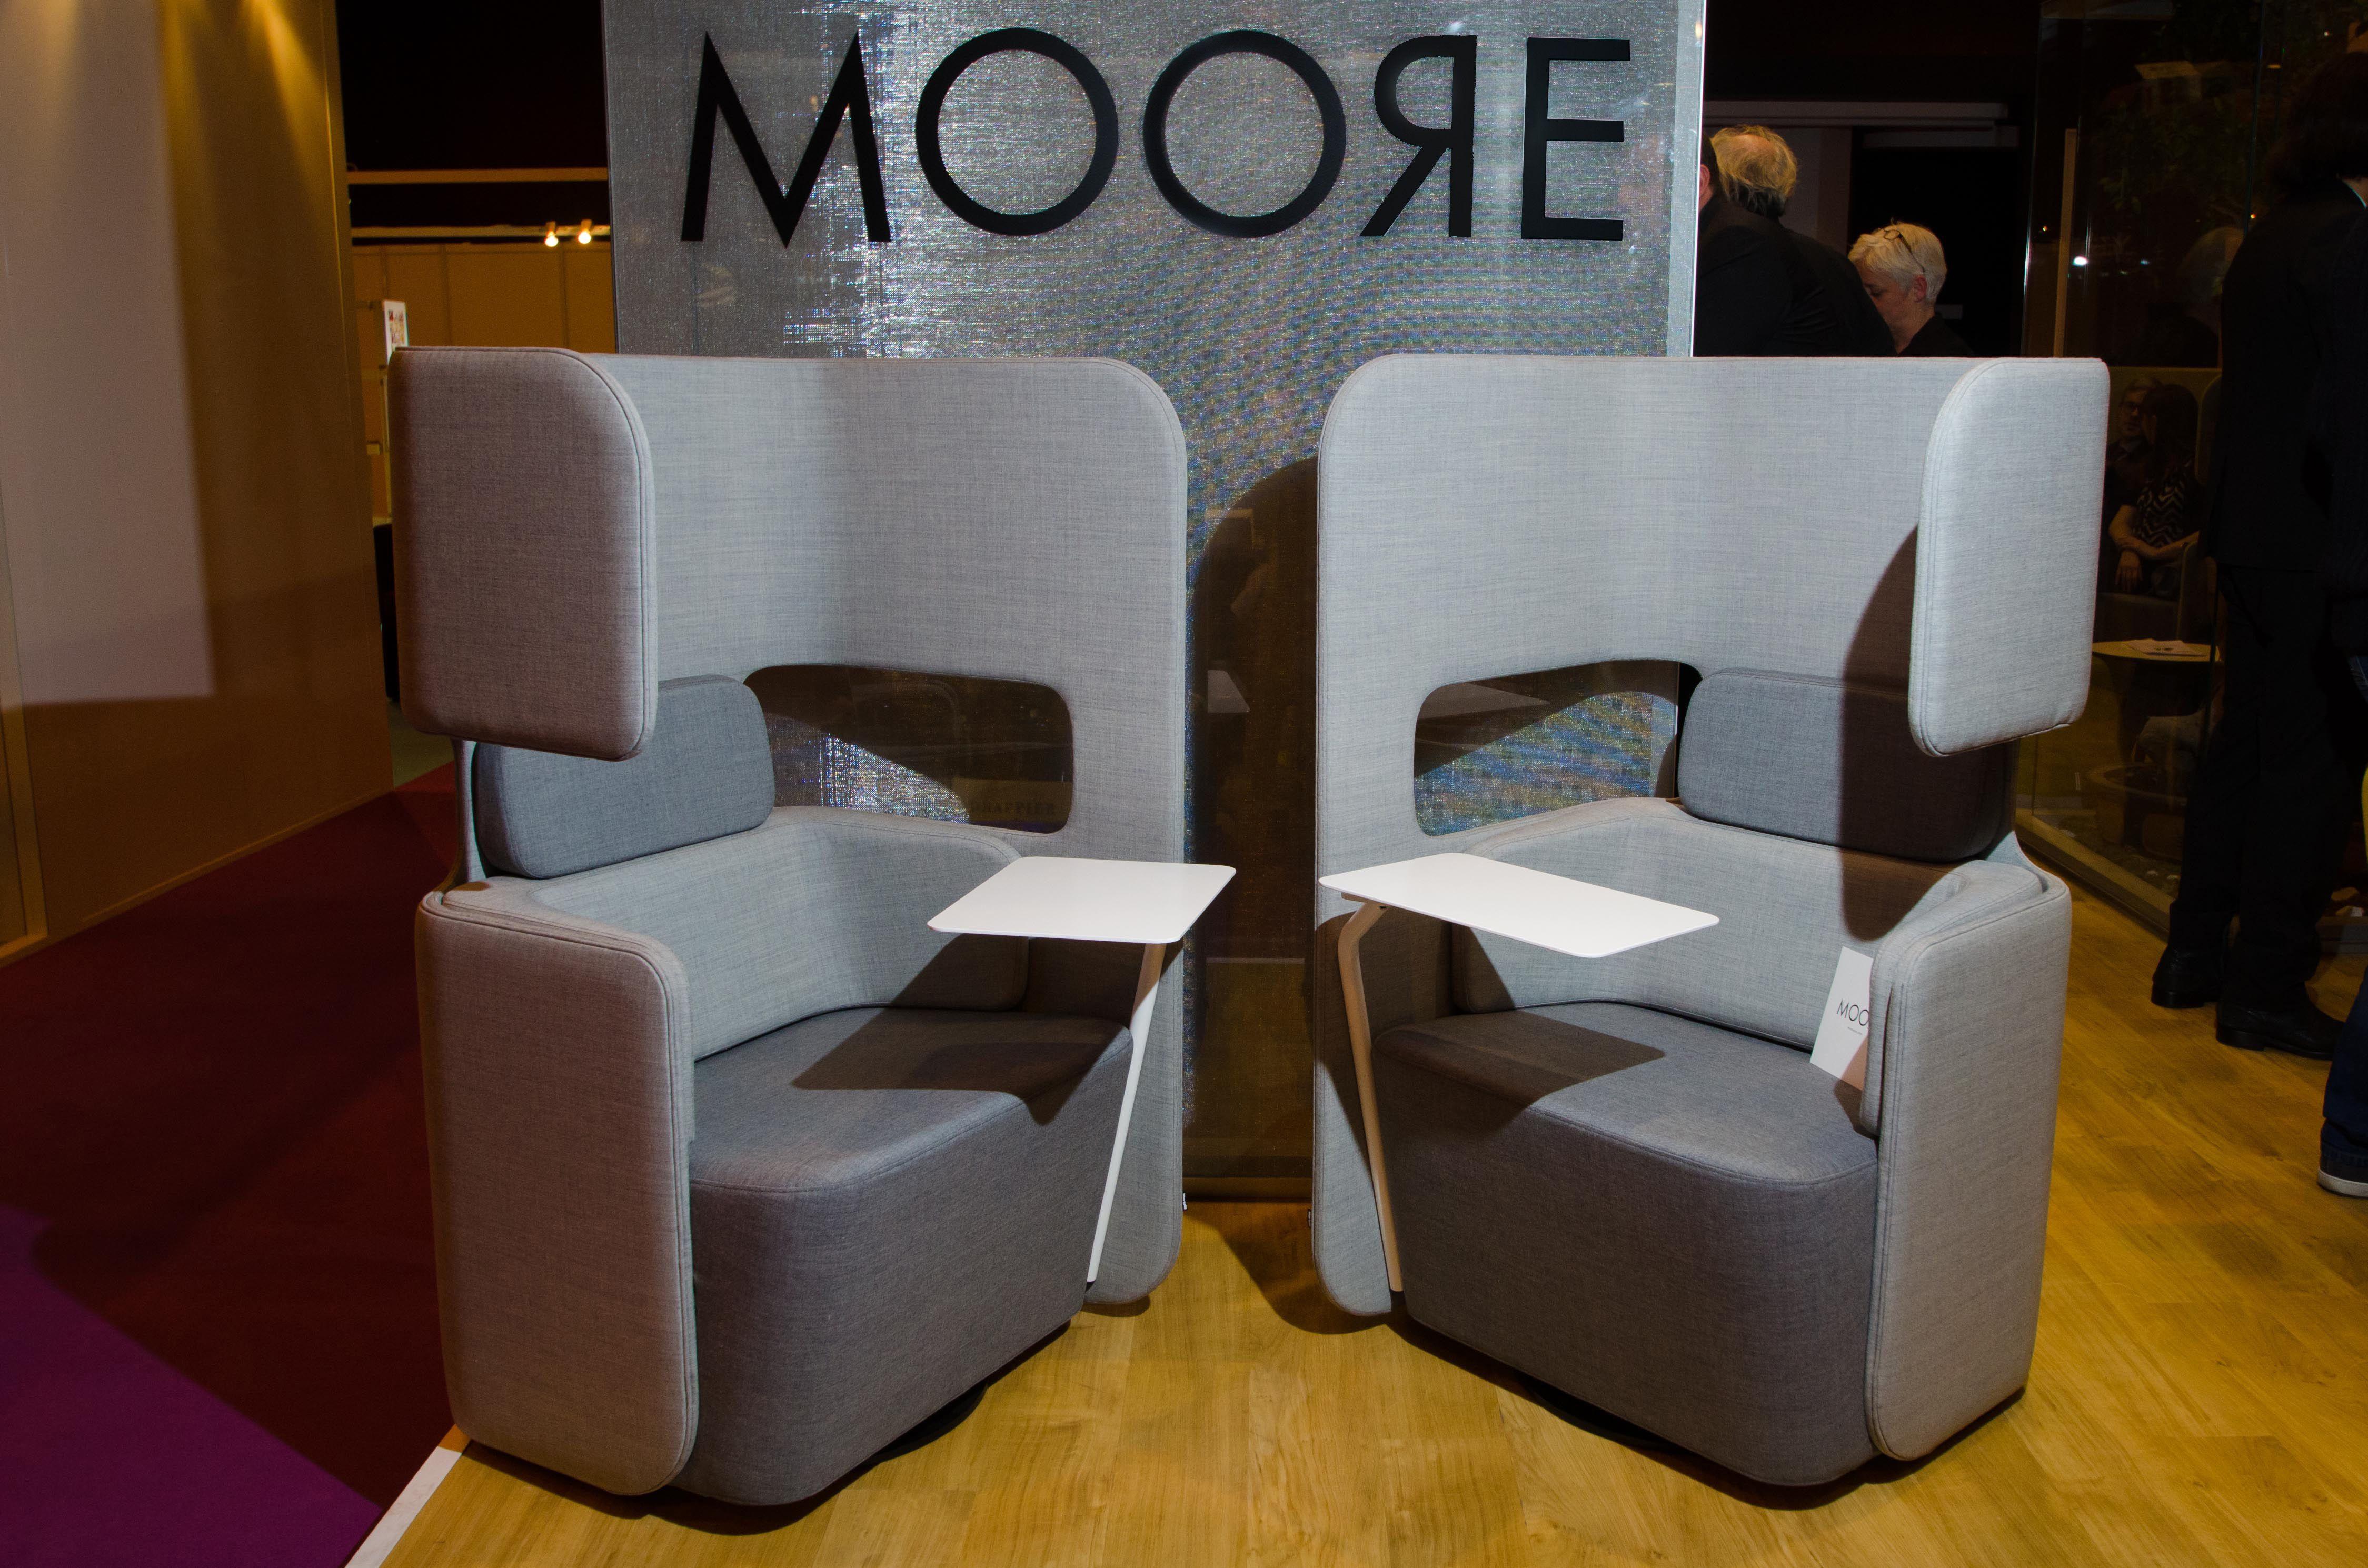 Alcôve Individuelle POD SEAT De Martela Fauteuil Avec Tablette - Formation decorateur interieur avec fauteuil a oreille design